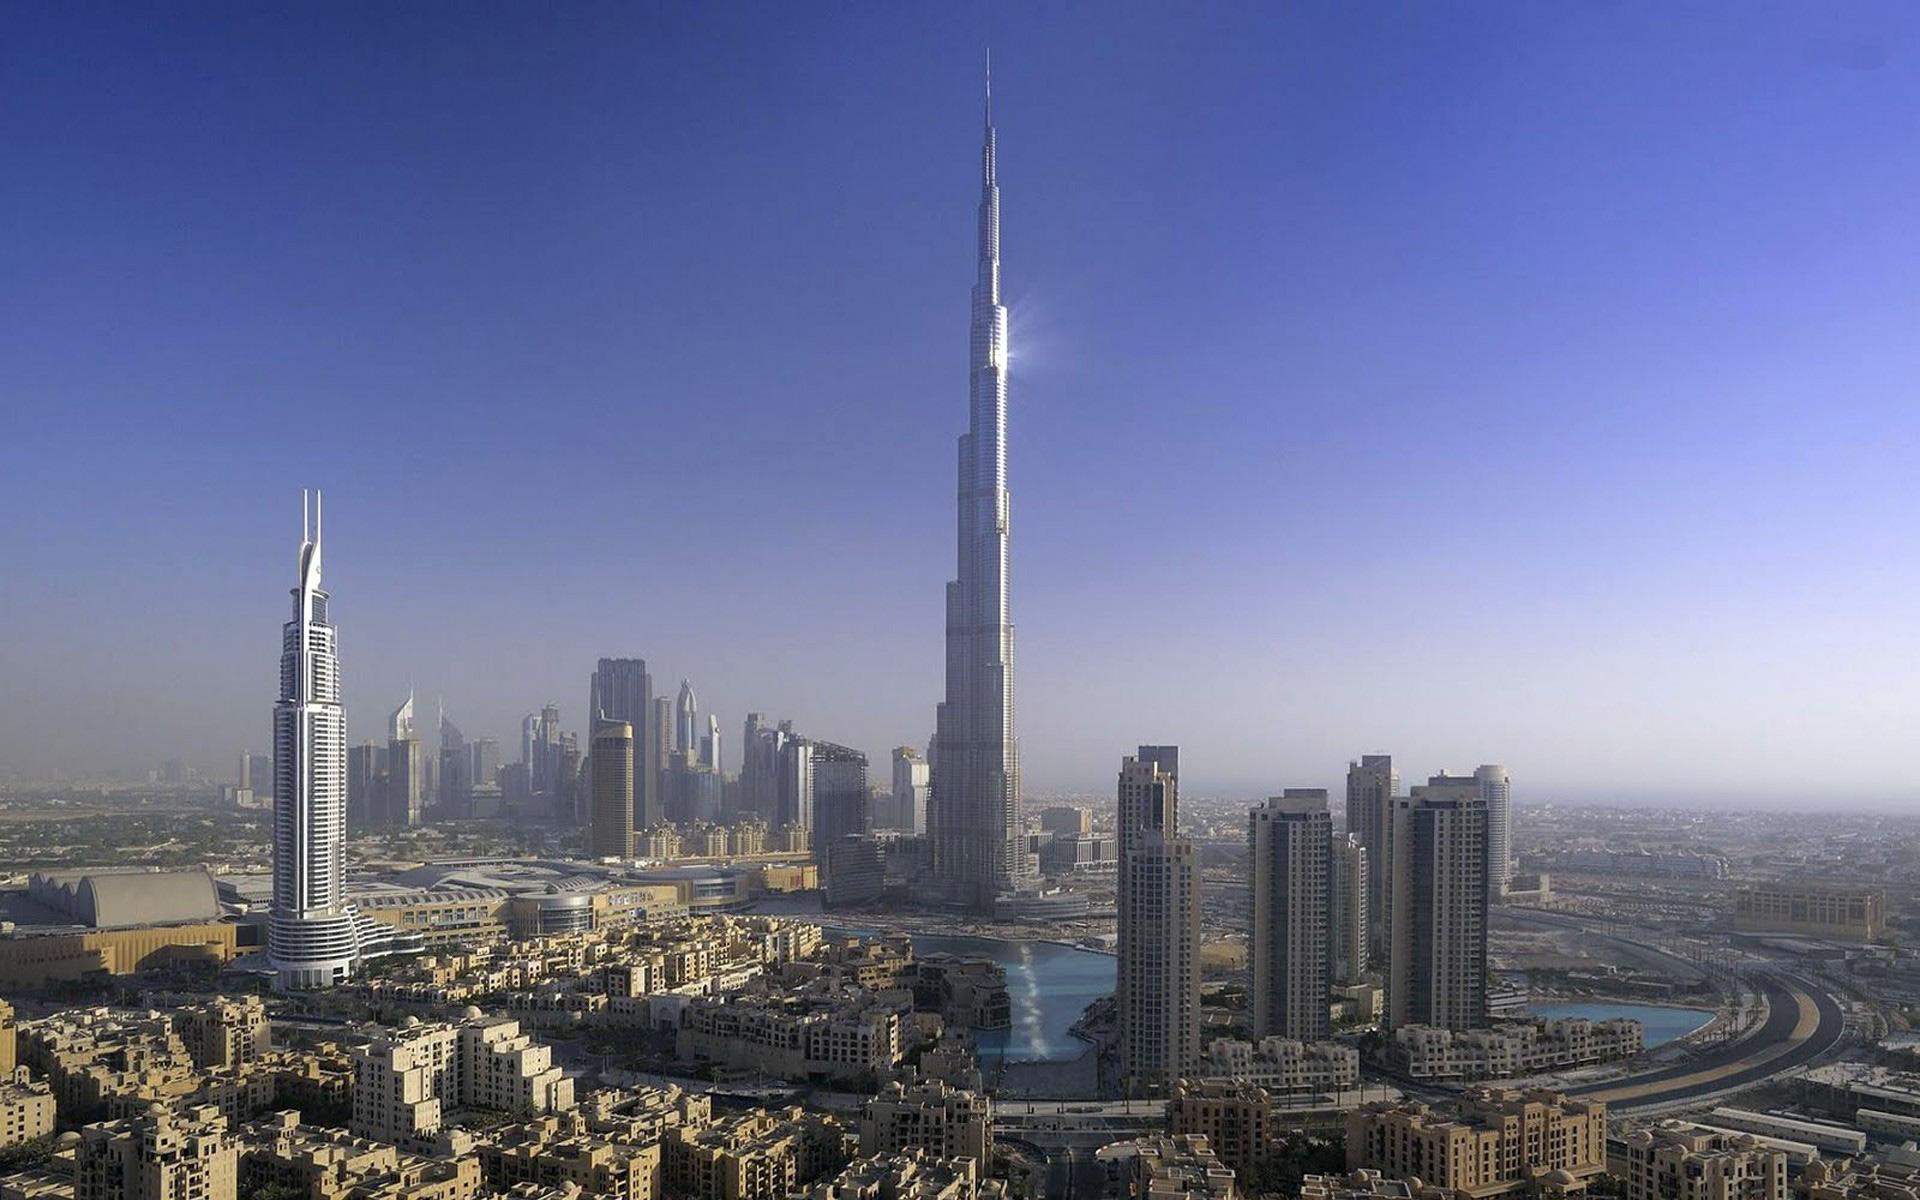 3. Самое высокое здание: Бурдж-Халифа, Дубай, ОАЭ. Бурдж-Халифа будто пронзает небо, словно копье. Внутри башни – 160 номеров отеля и еще 144 апартаментов, цена которых превышает $3500 за квадратный метр.